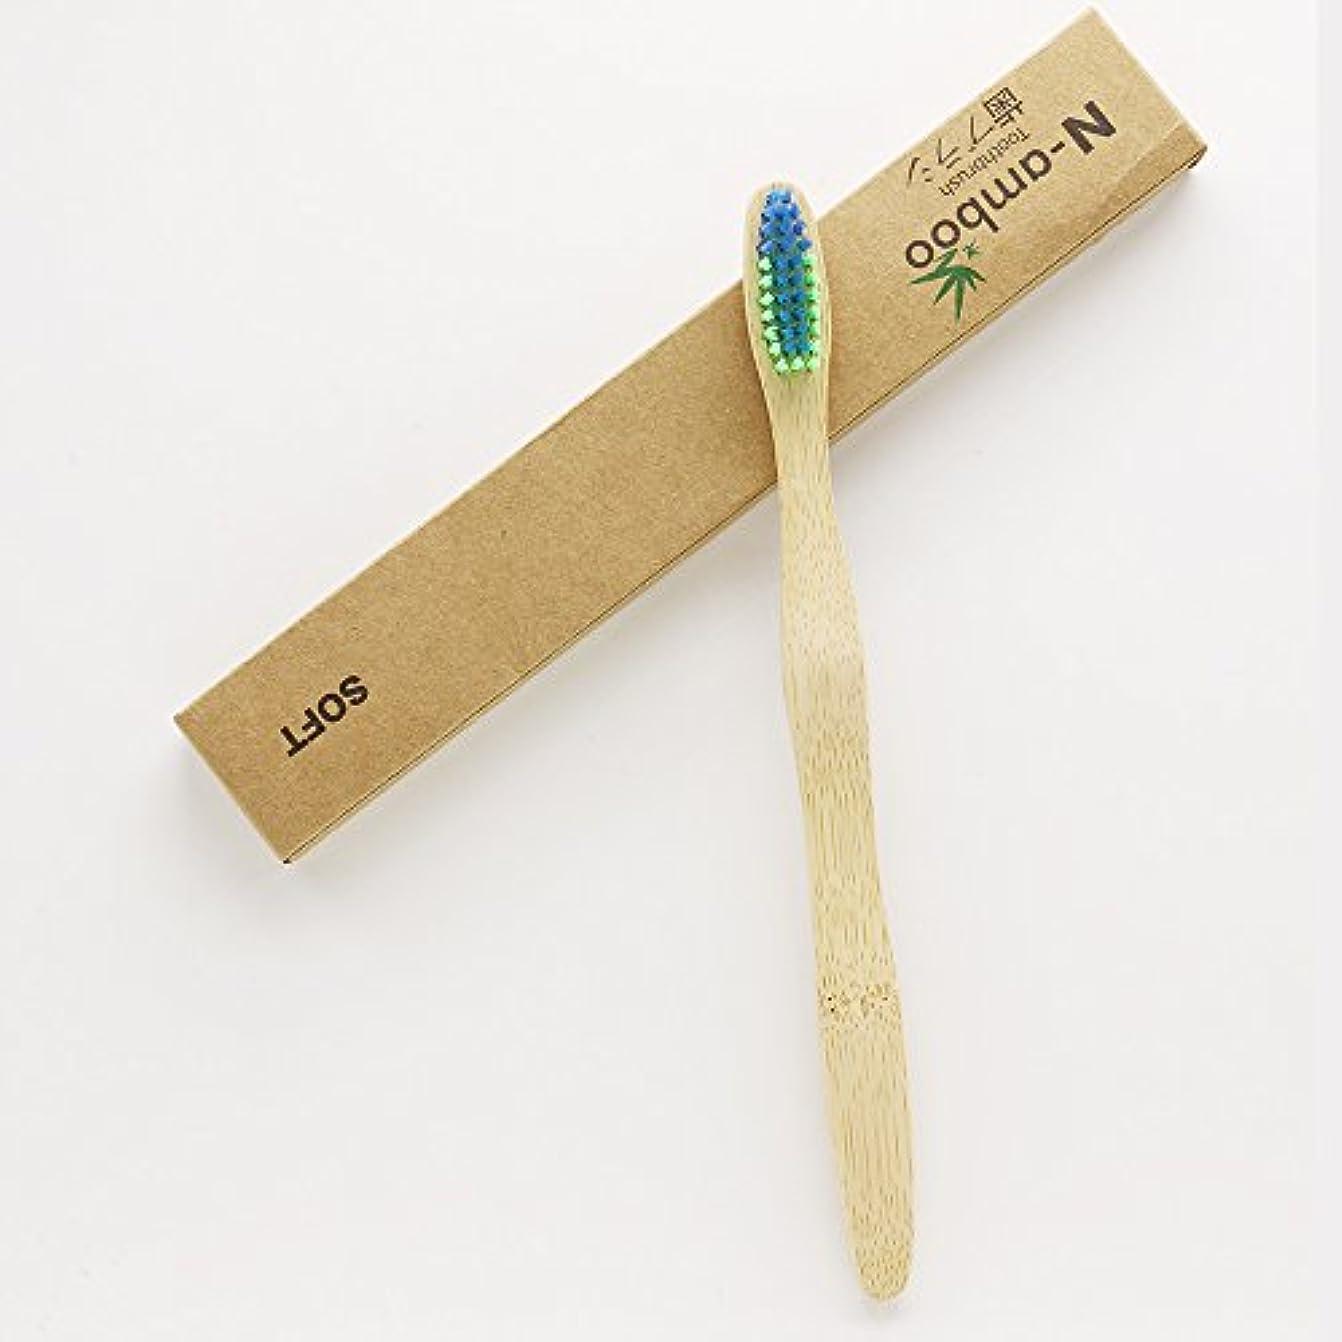 浸すポテトバーN-amboo 竹製耐久度高い 歯ブラシ 青と緑色  1本入り